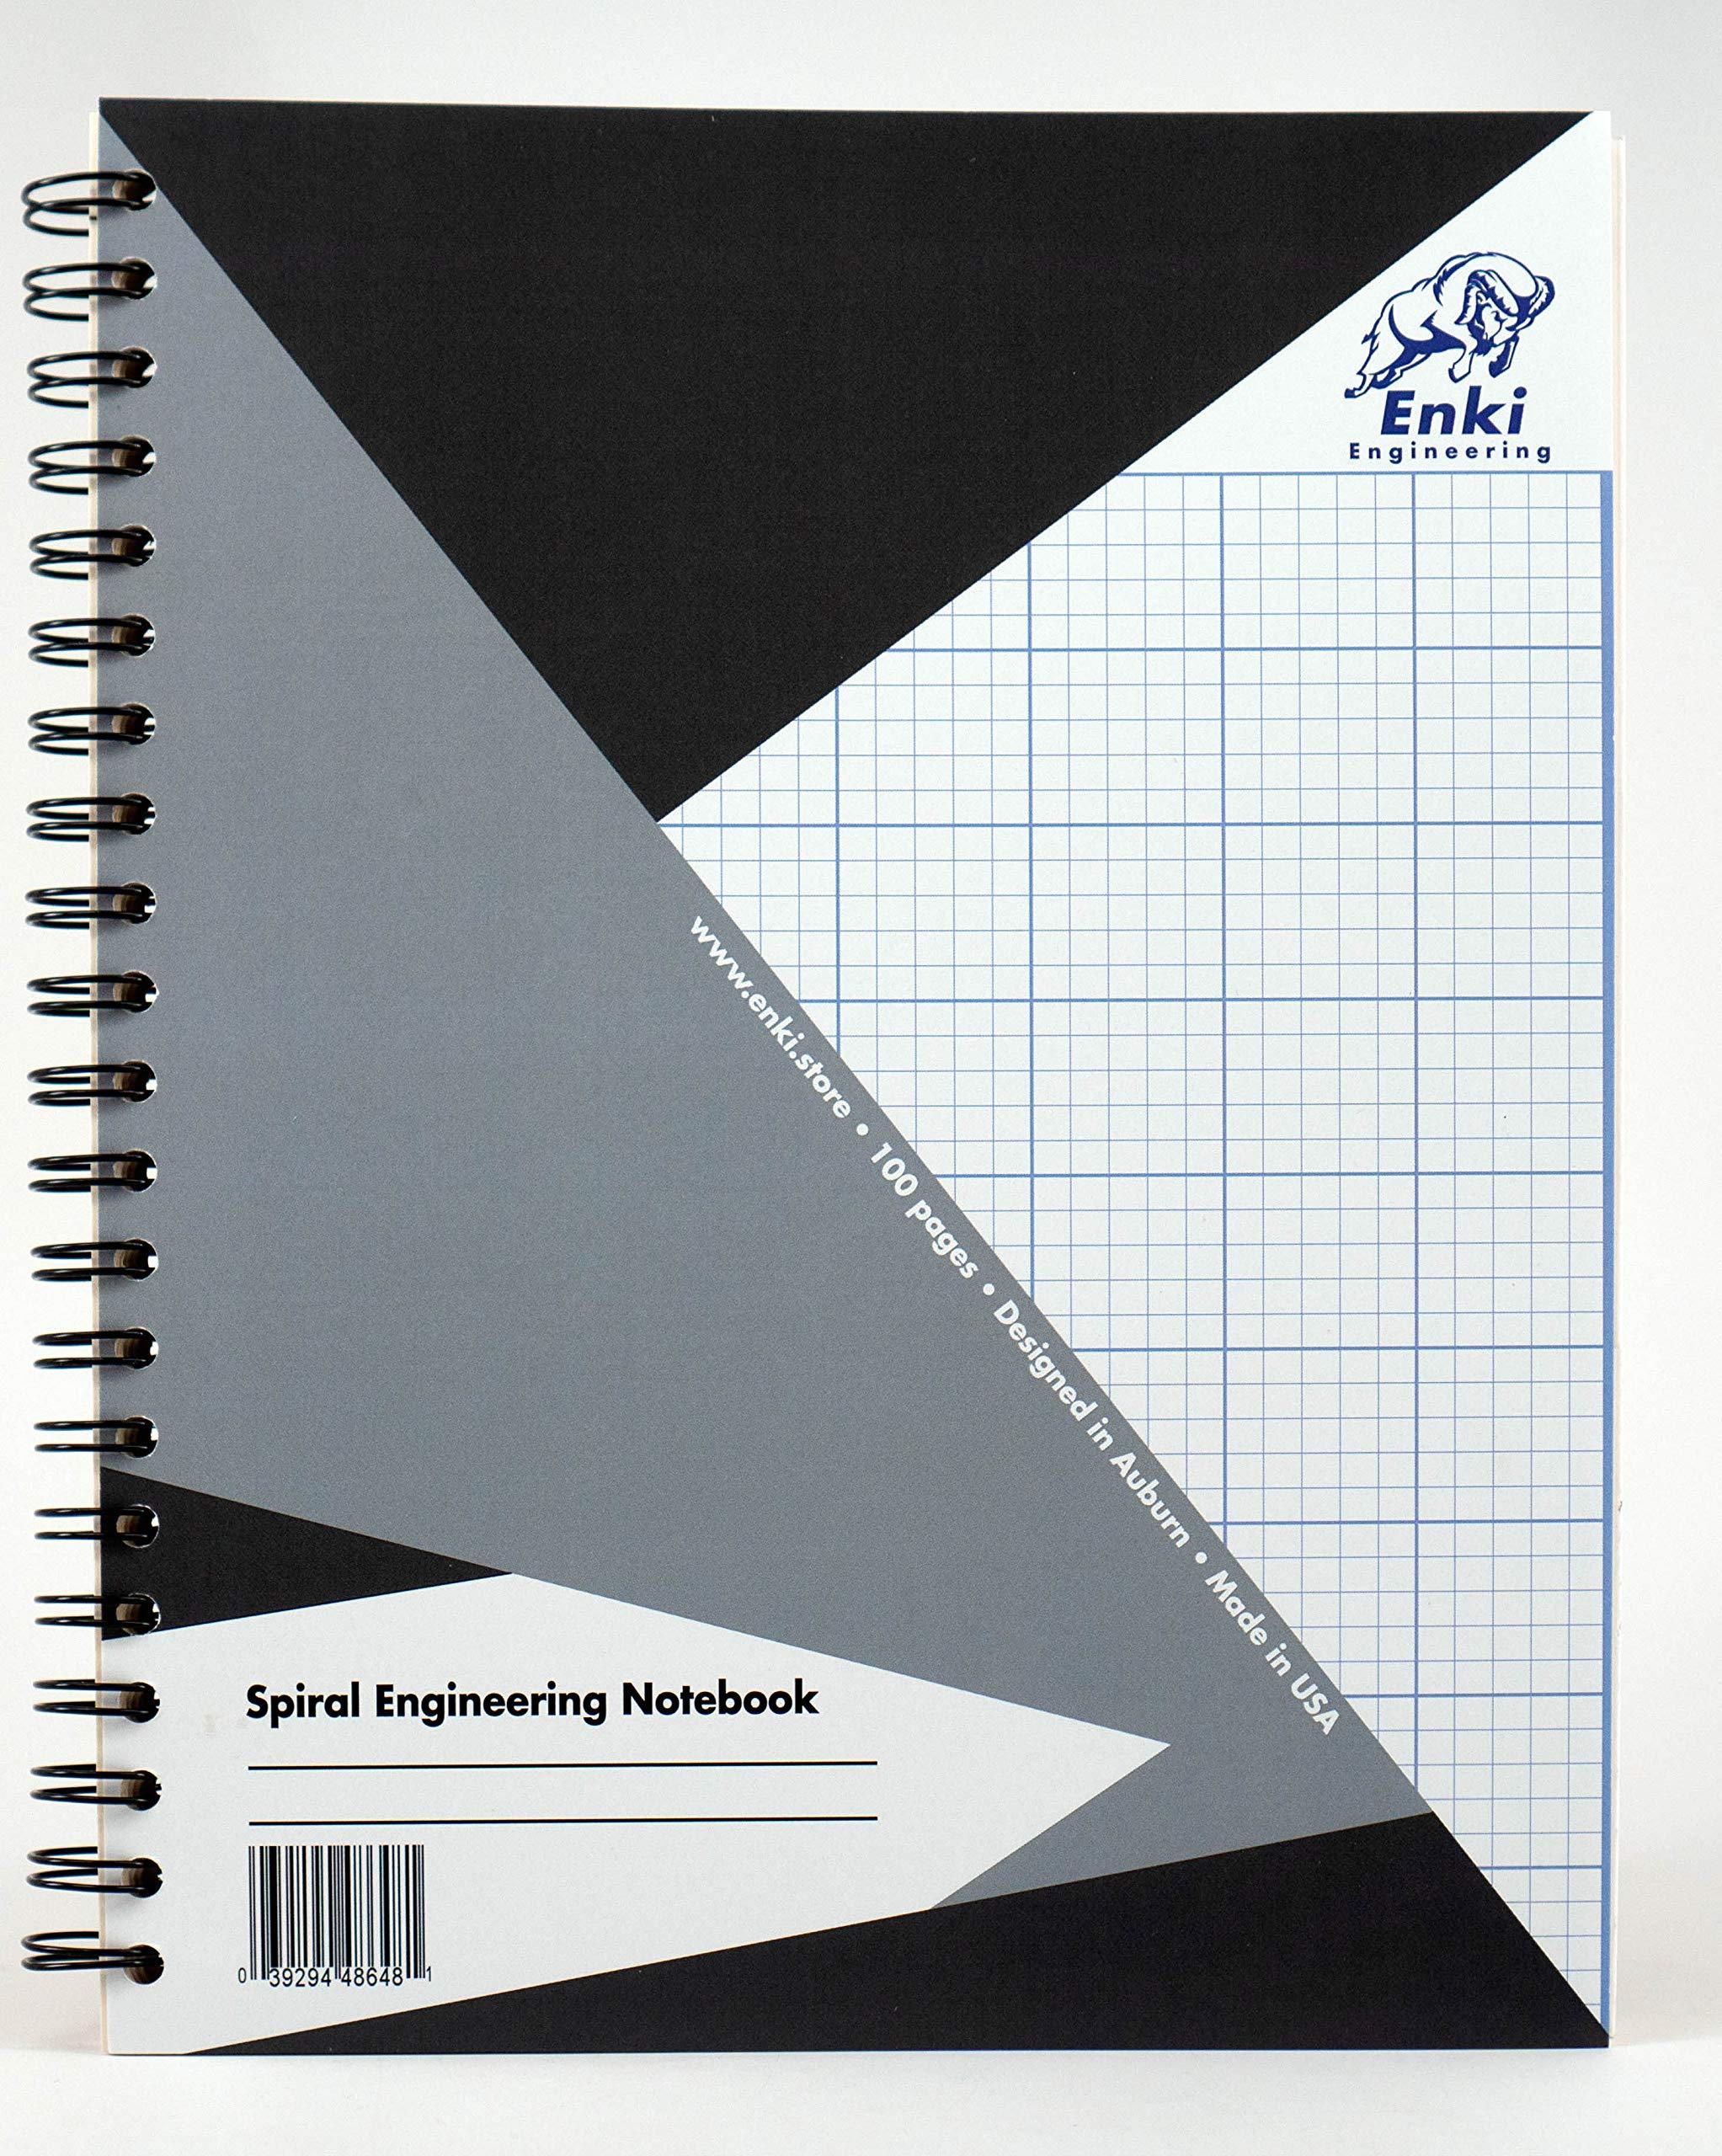 Engineering Paper 200 sheet - Spiral Notebook (Grey Cover) by Enki Engineering